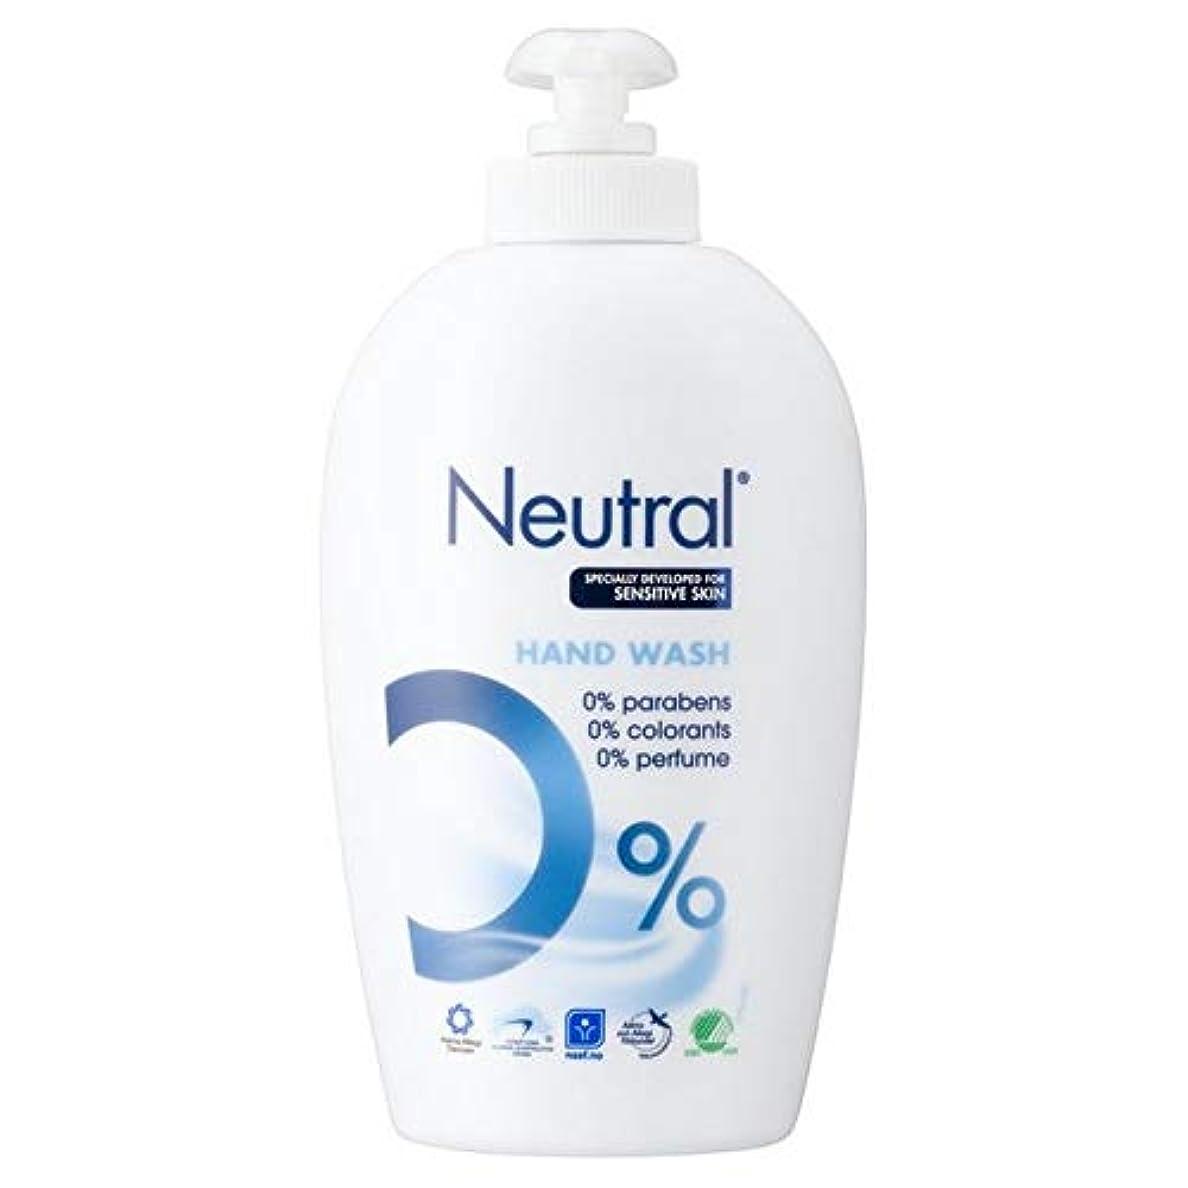 売上高吸収マウント[Neutral ] ニュートラル0%のハンドウォッシュ250ミリリットル - Neutral 0% Hand Wash 250ml [並行輸入品]